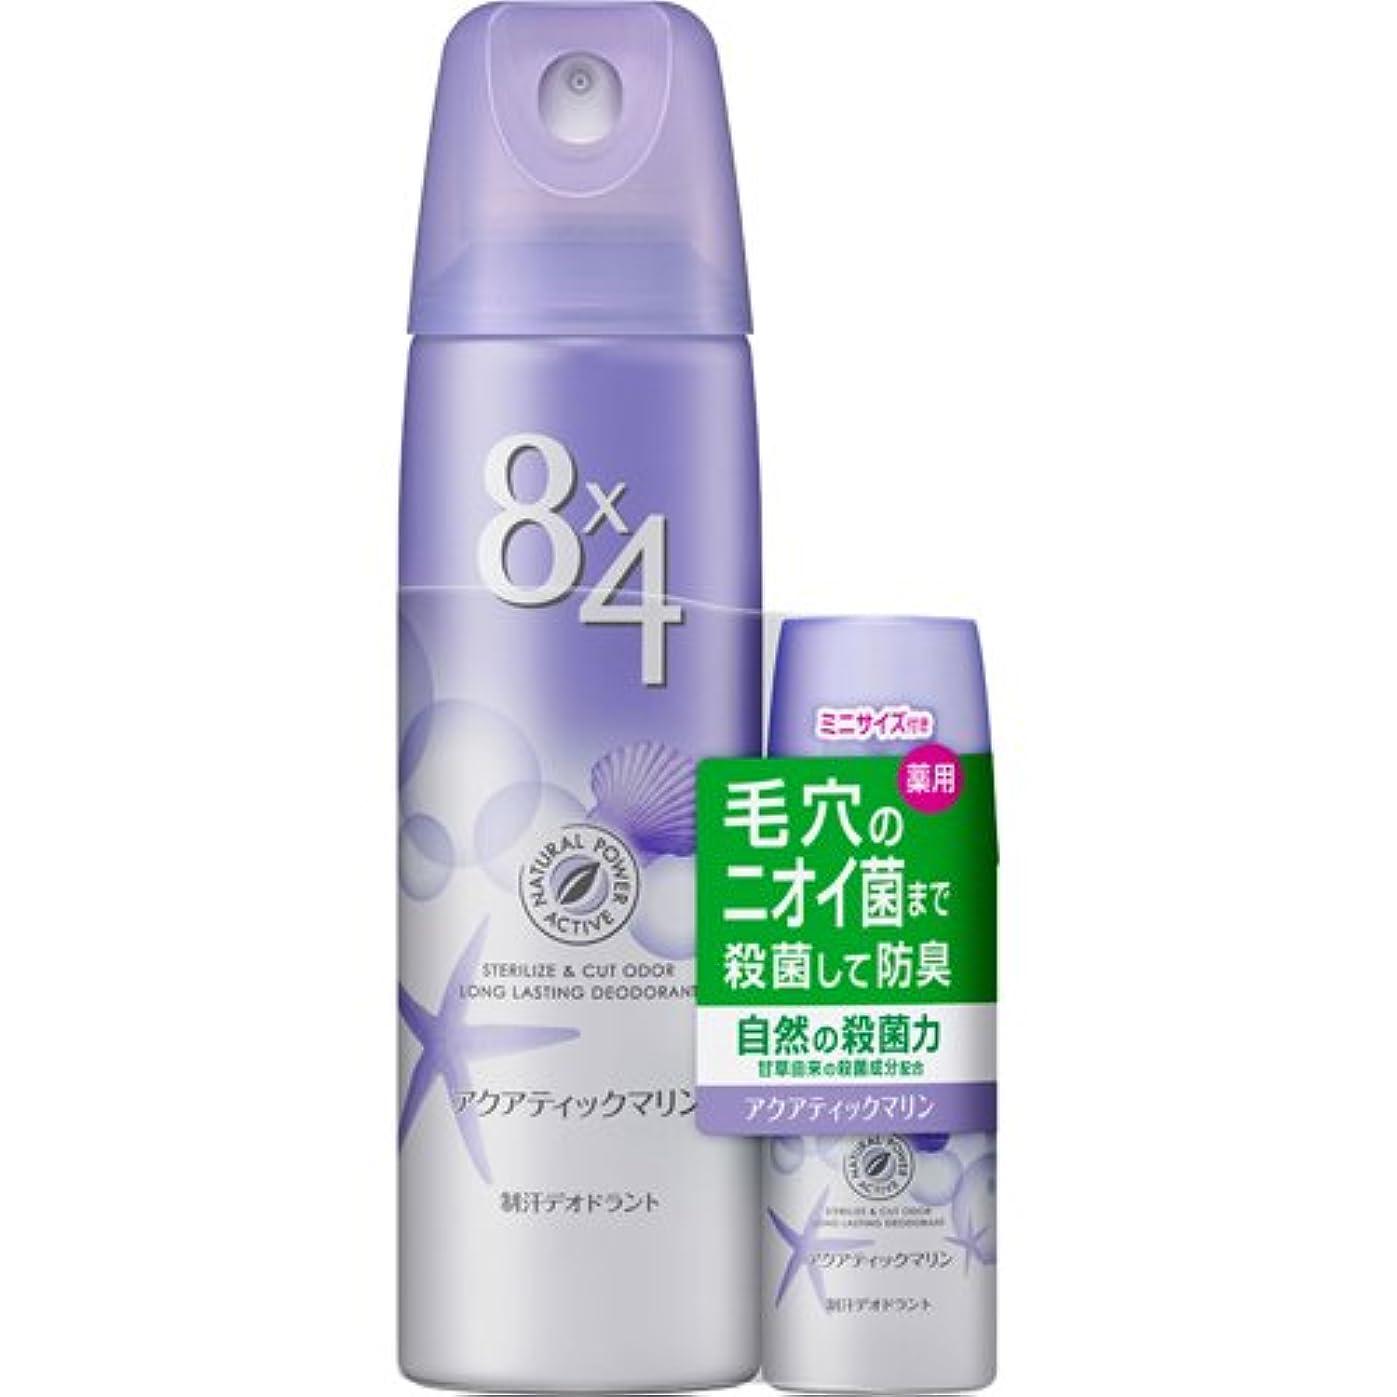 文芸ドック証明書【数量限定】8x4(エイトフォー) パウダースプレー アクアティックマリンの香り 150g+30g